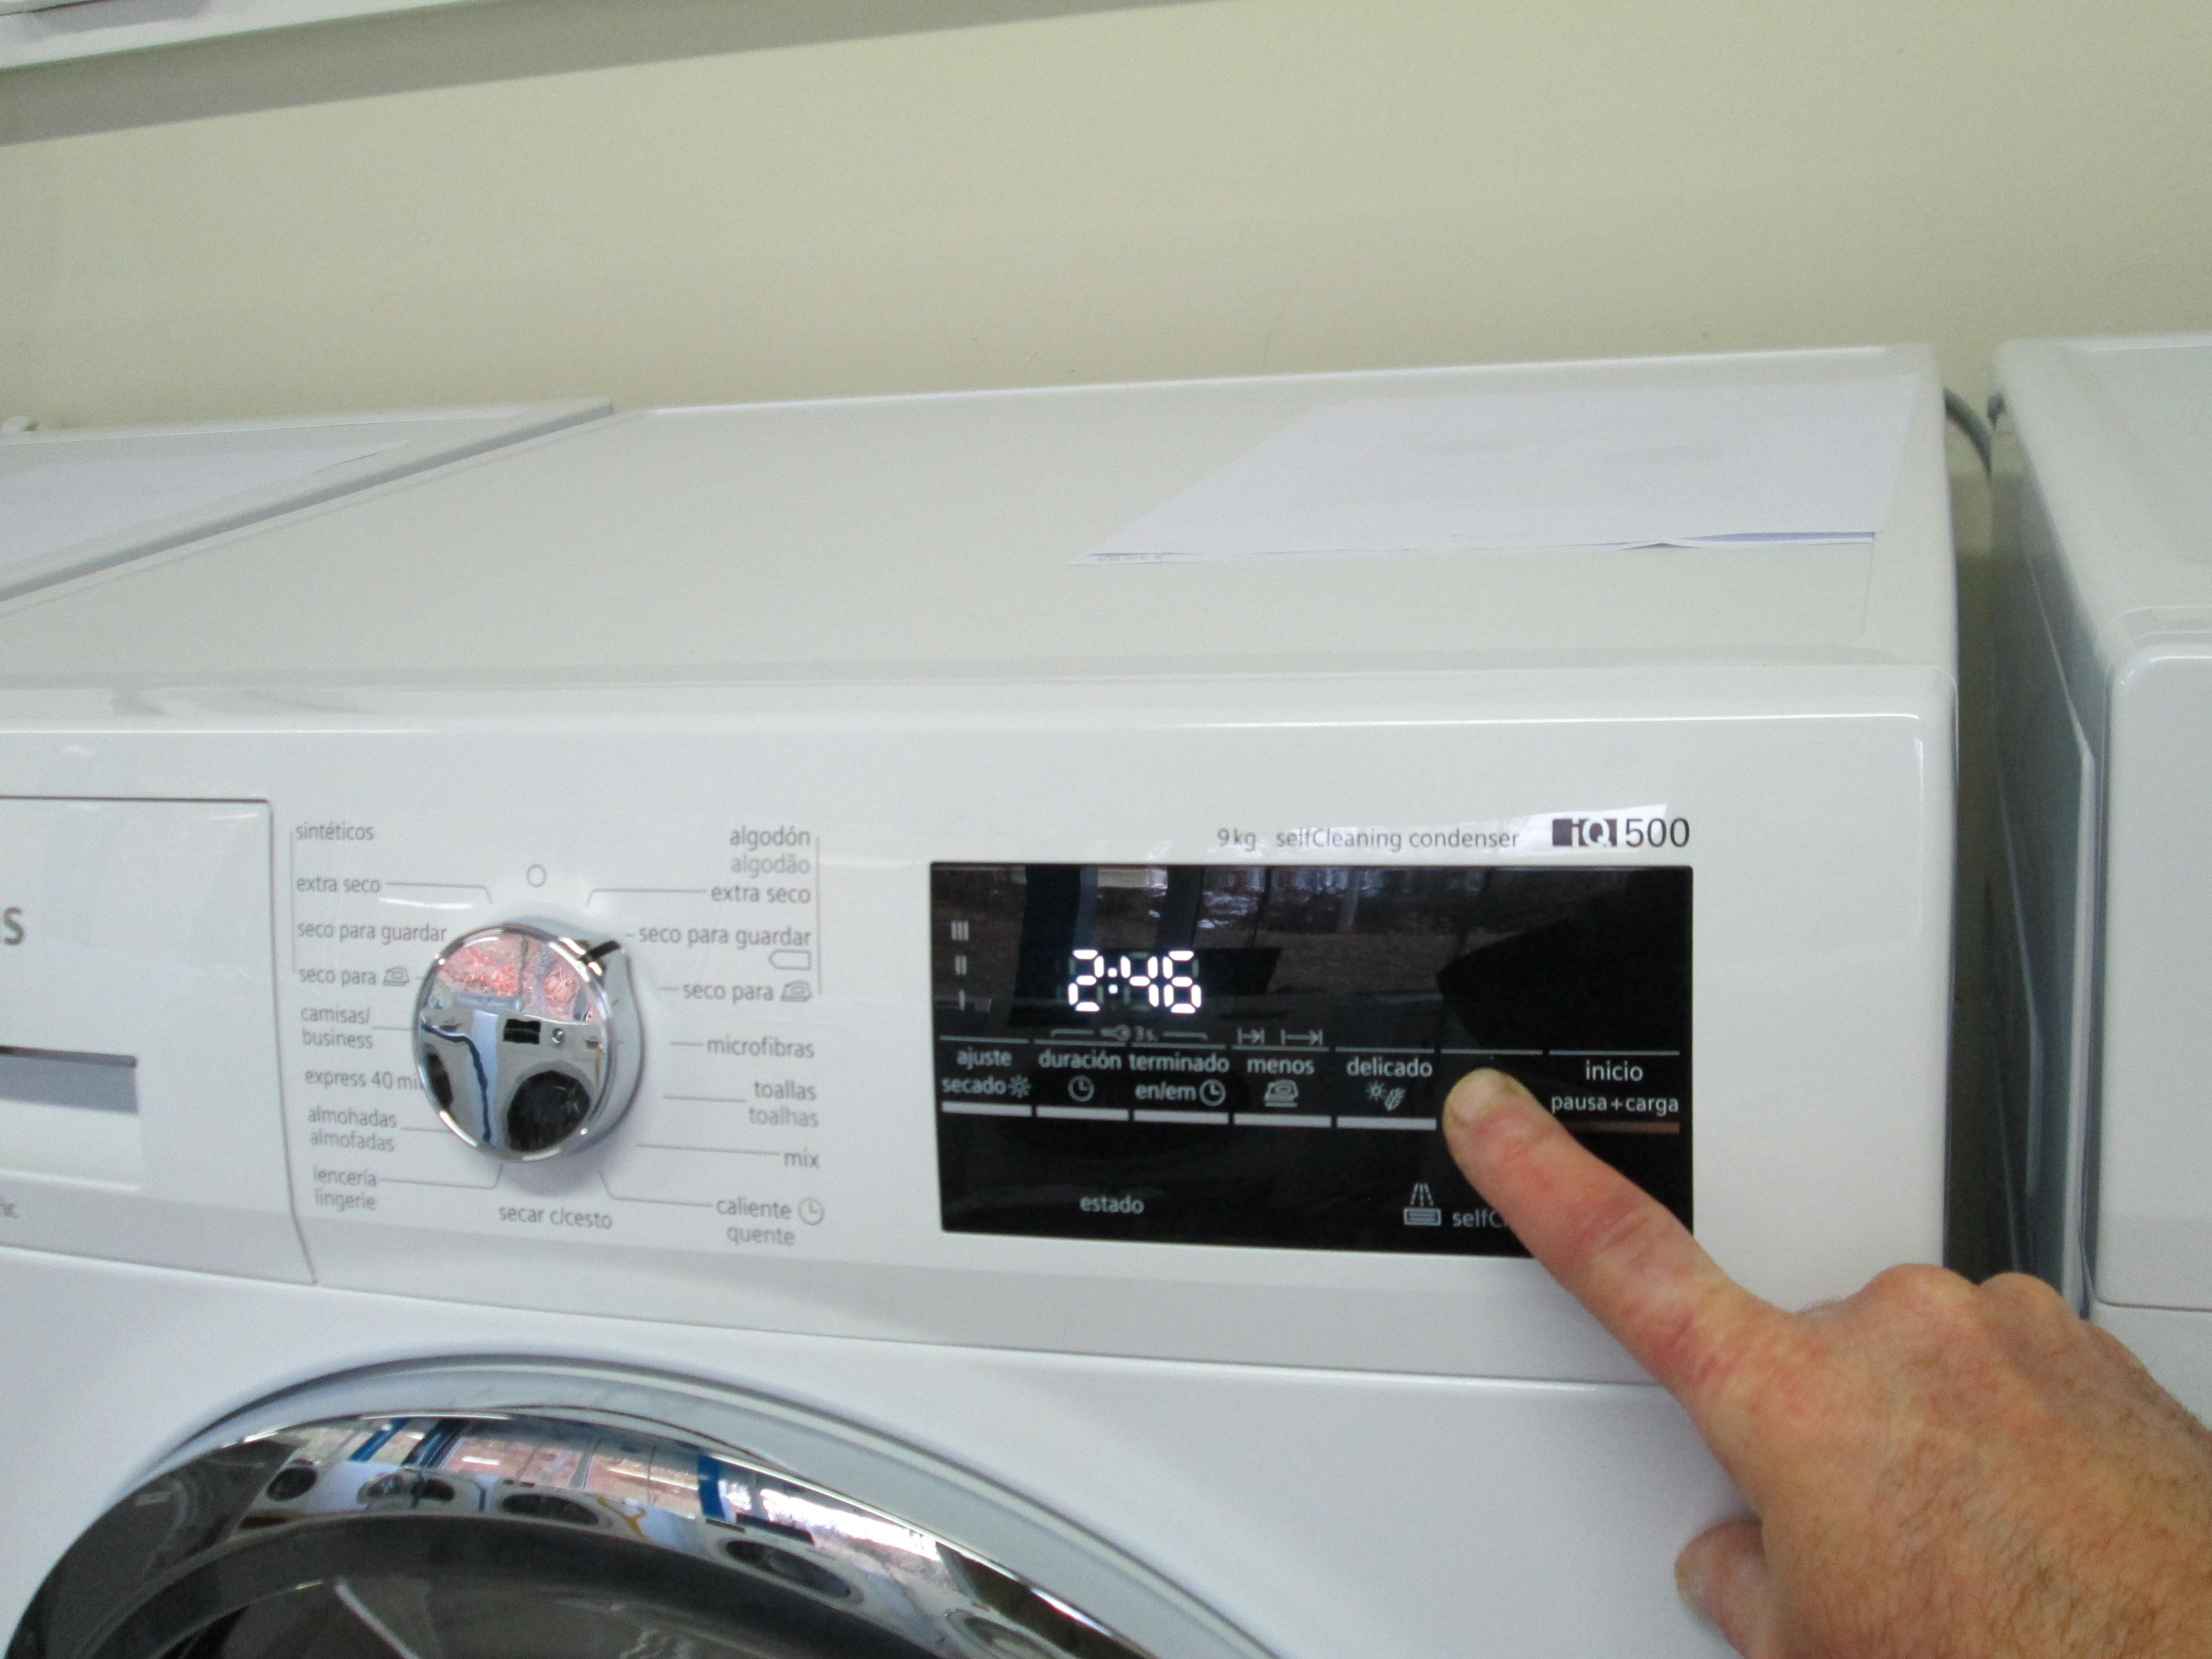 Analisis De Siemens Wt47g439ee Comparador De Secadoras Ocu